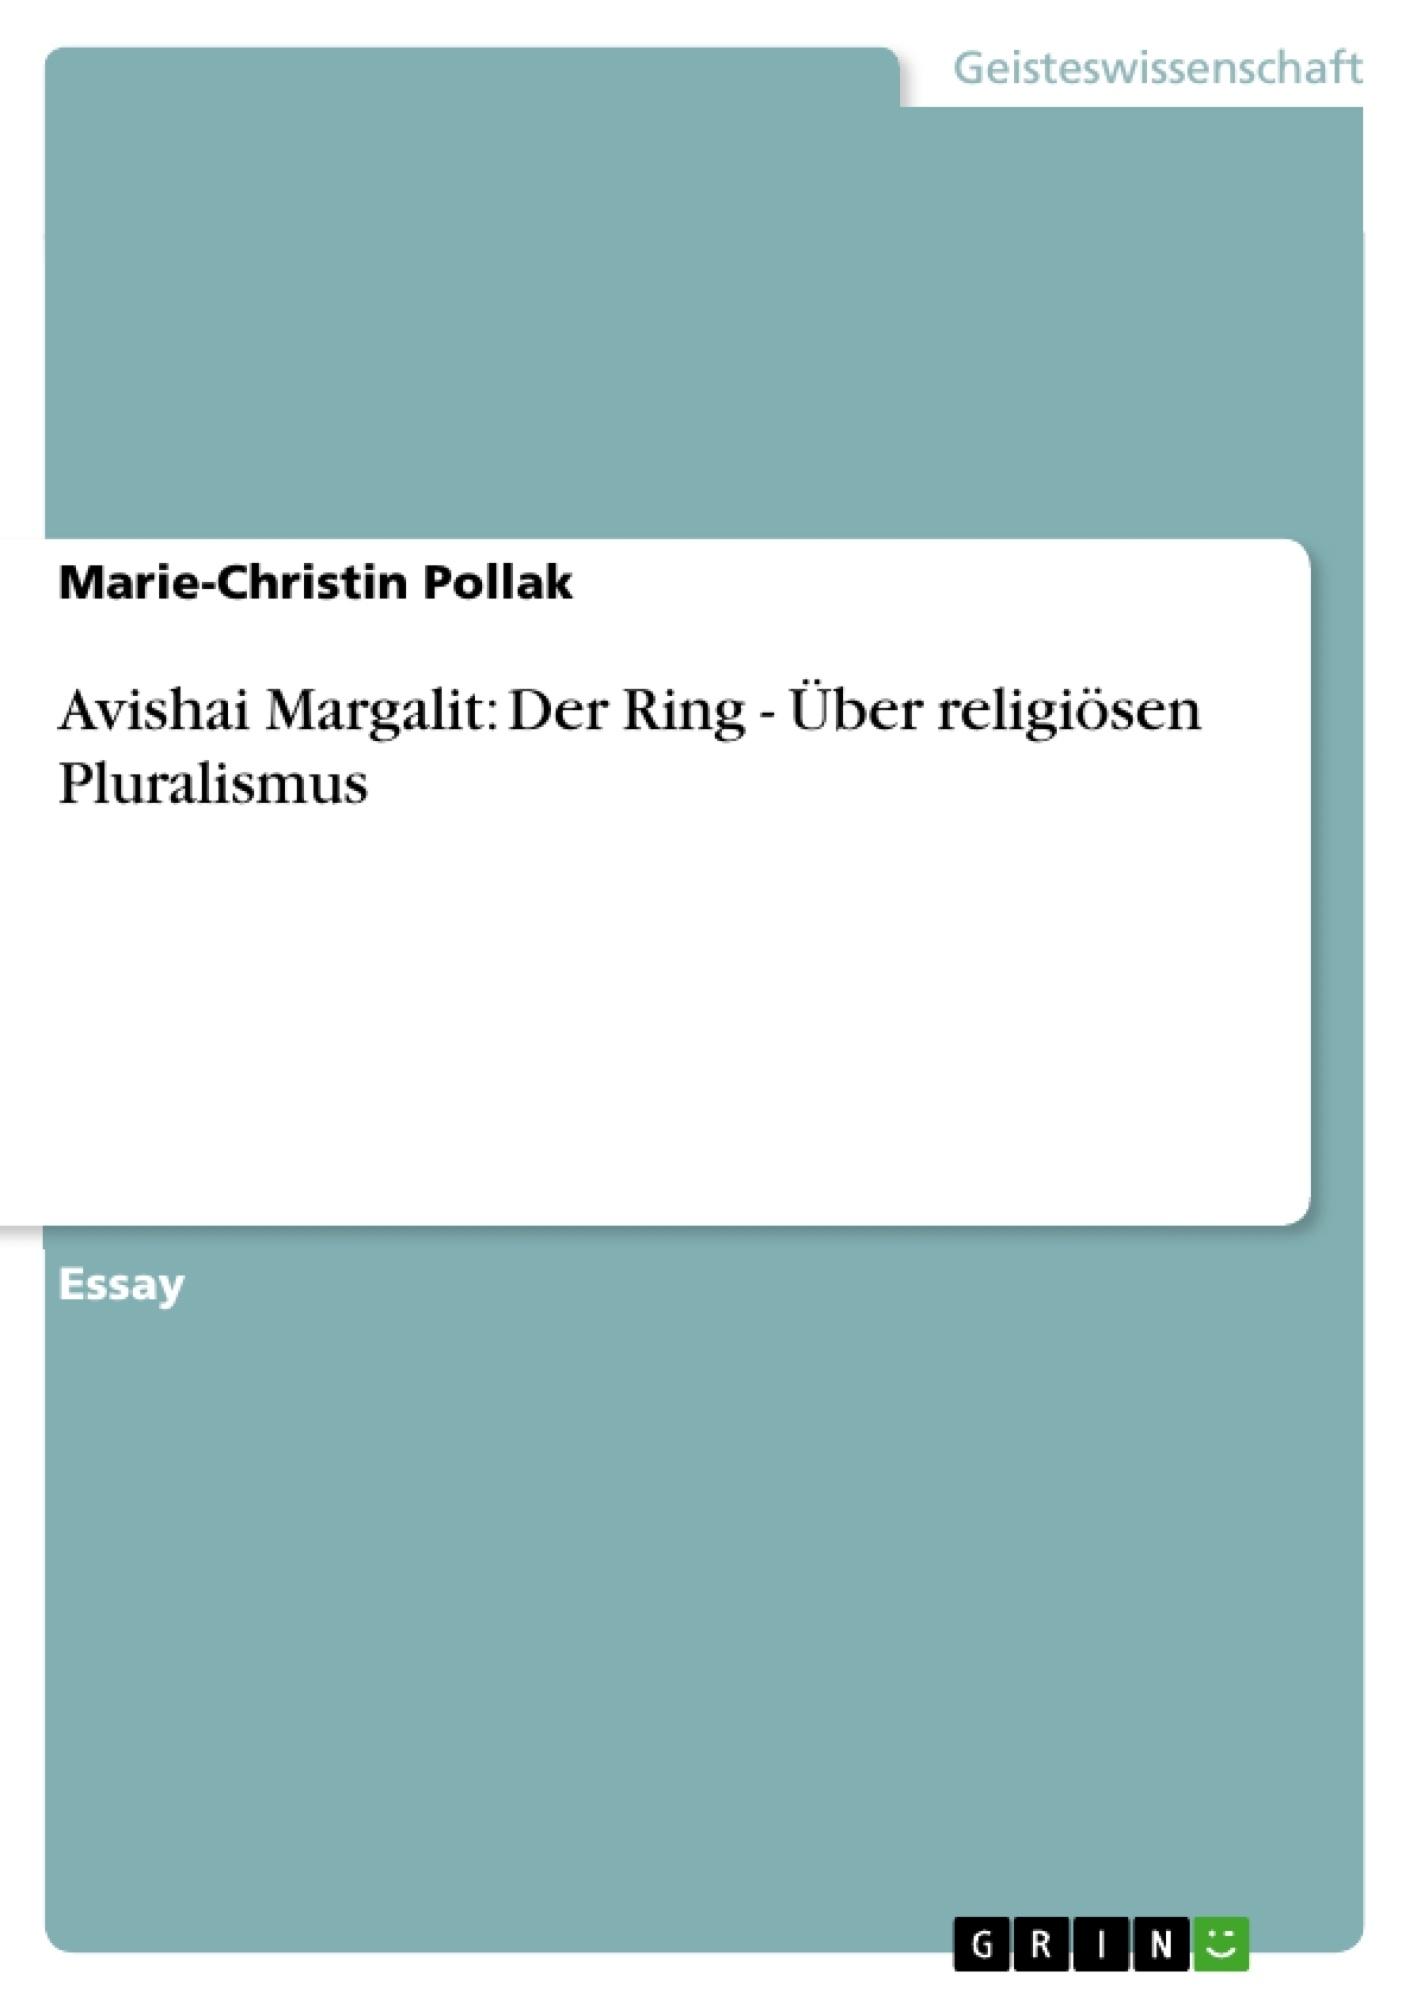 Titel: Avishai Margalit: Der Ring - Über religiösen Pluralismus